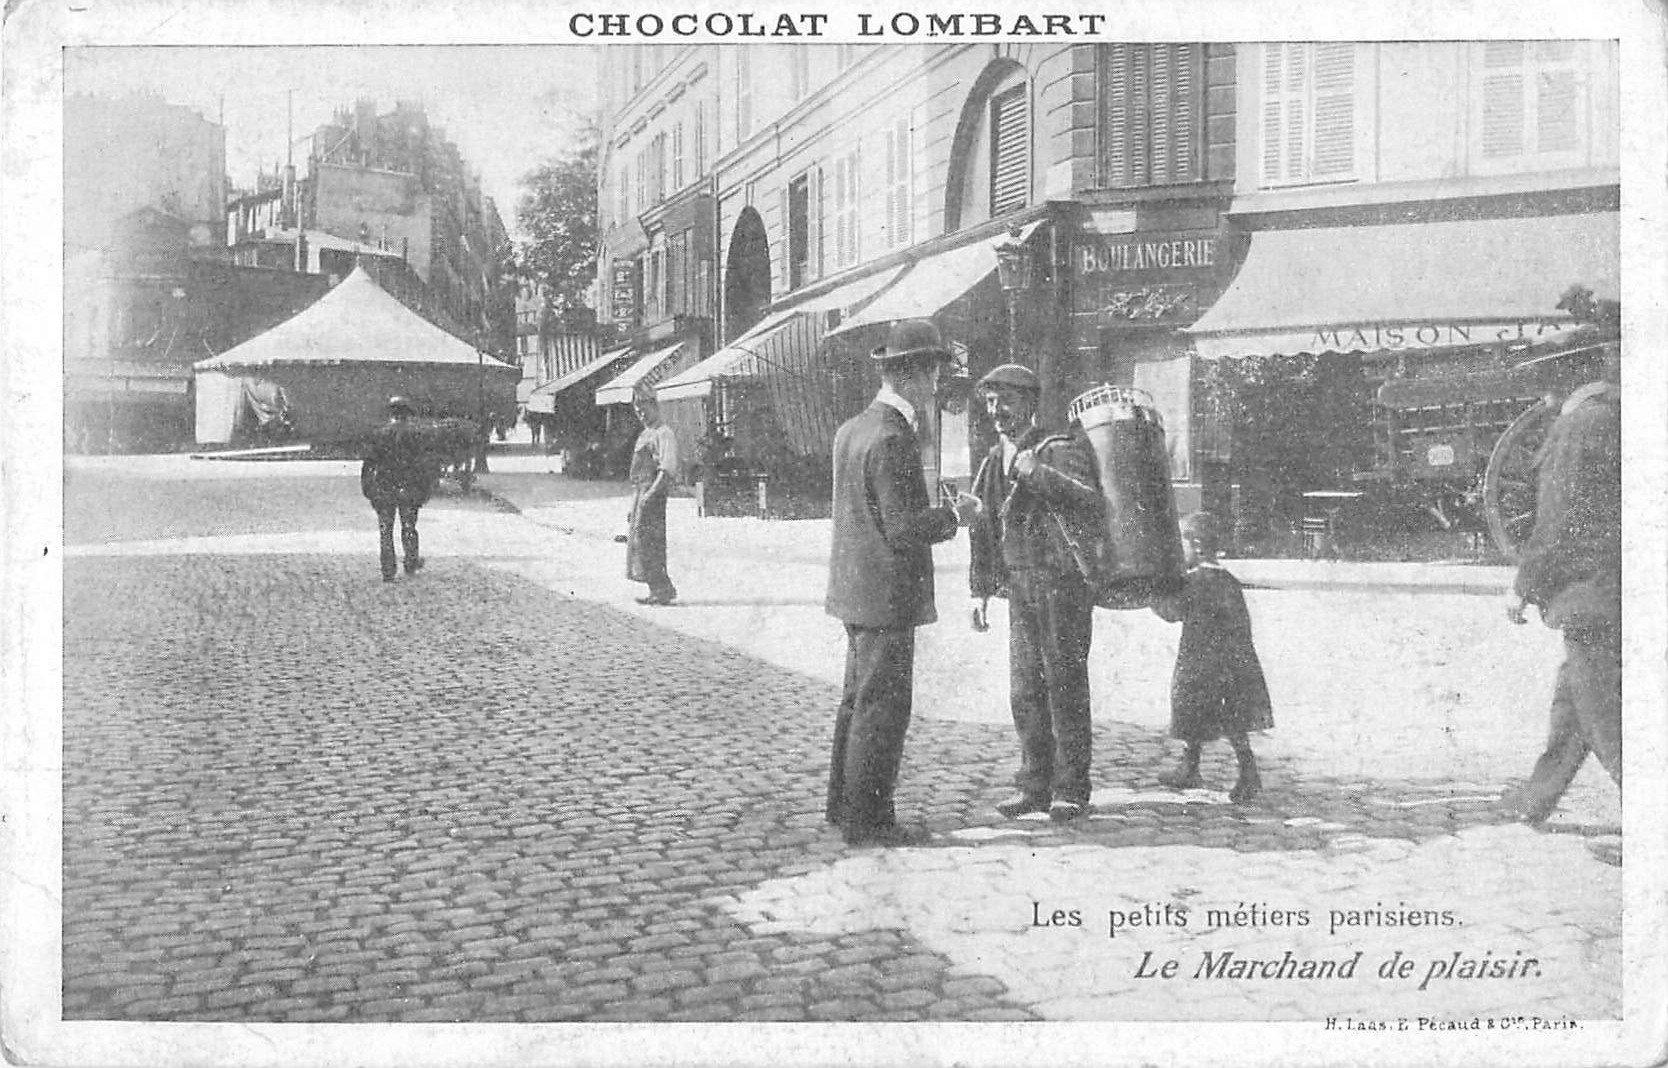 Série les petits Métiers parisiens. Le Marchand de plaisir. Chocolat Lombard